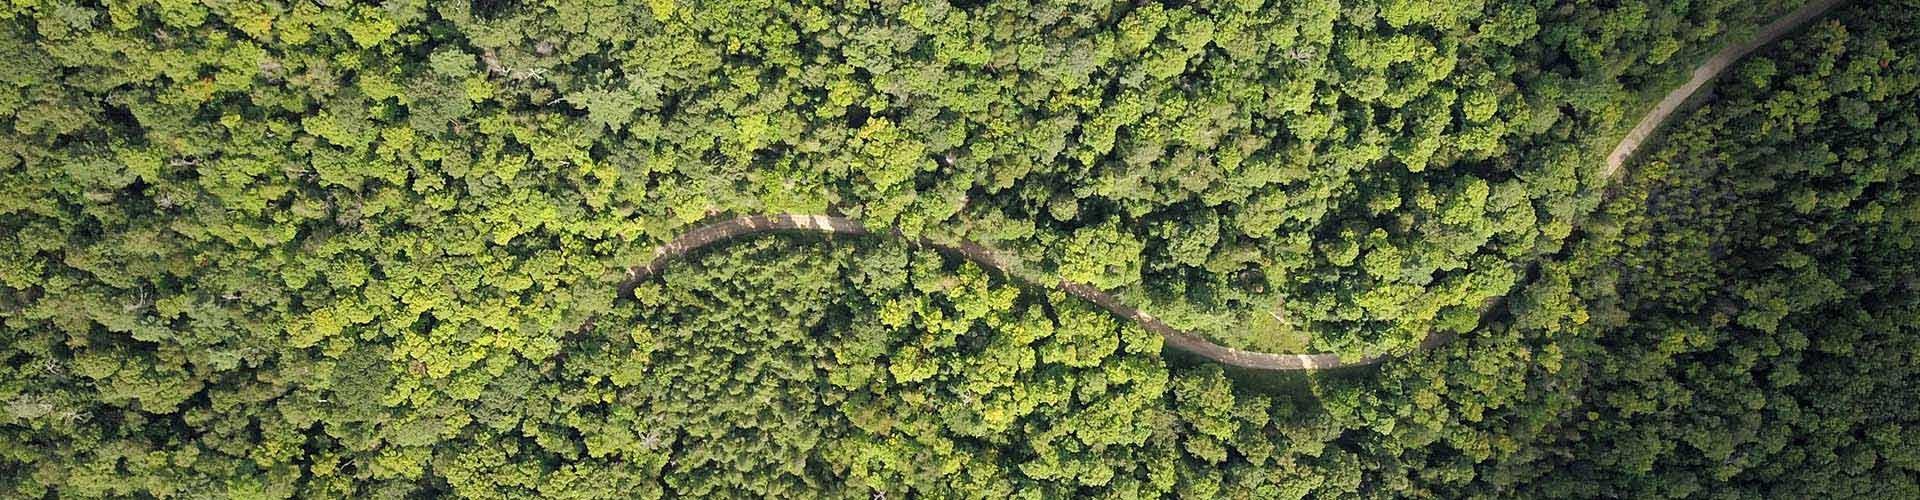 Wald - Aufnahme von oben